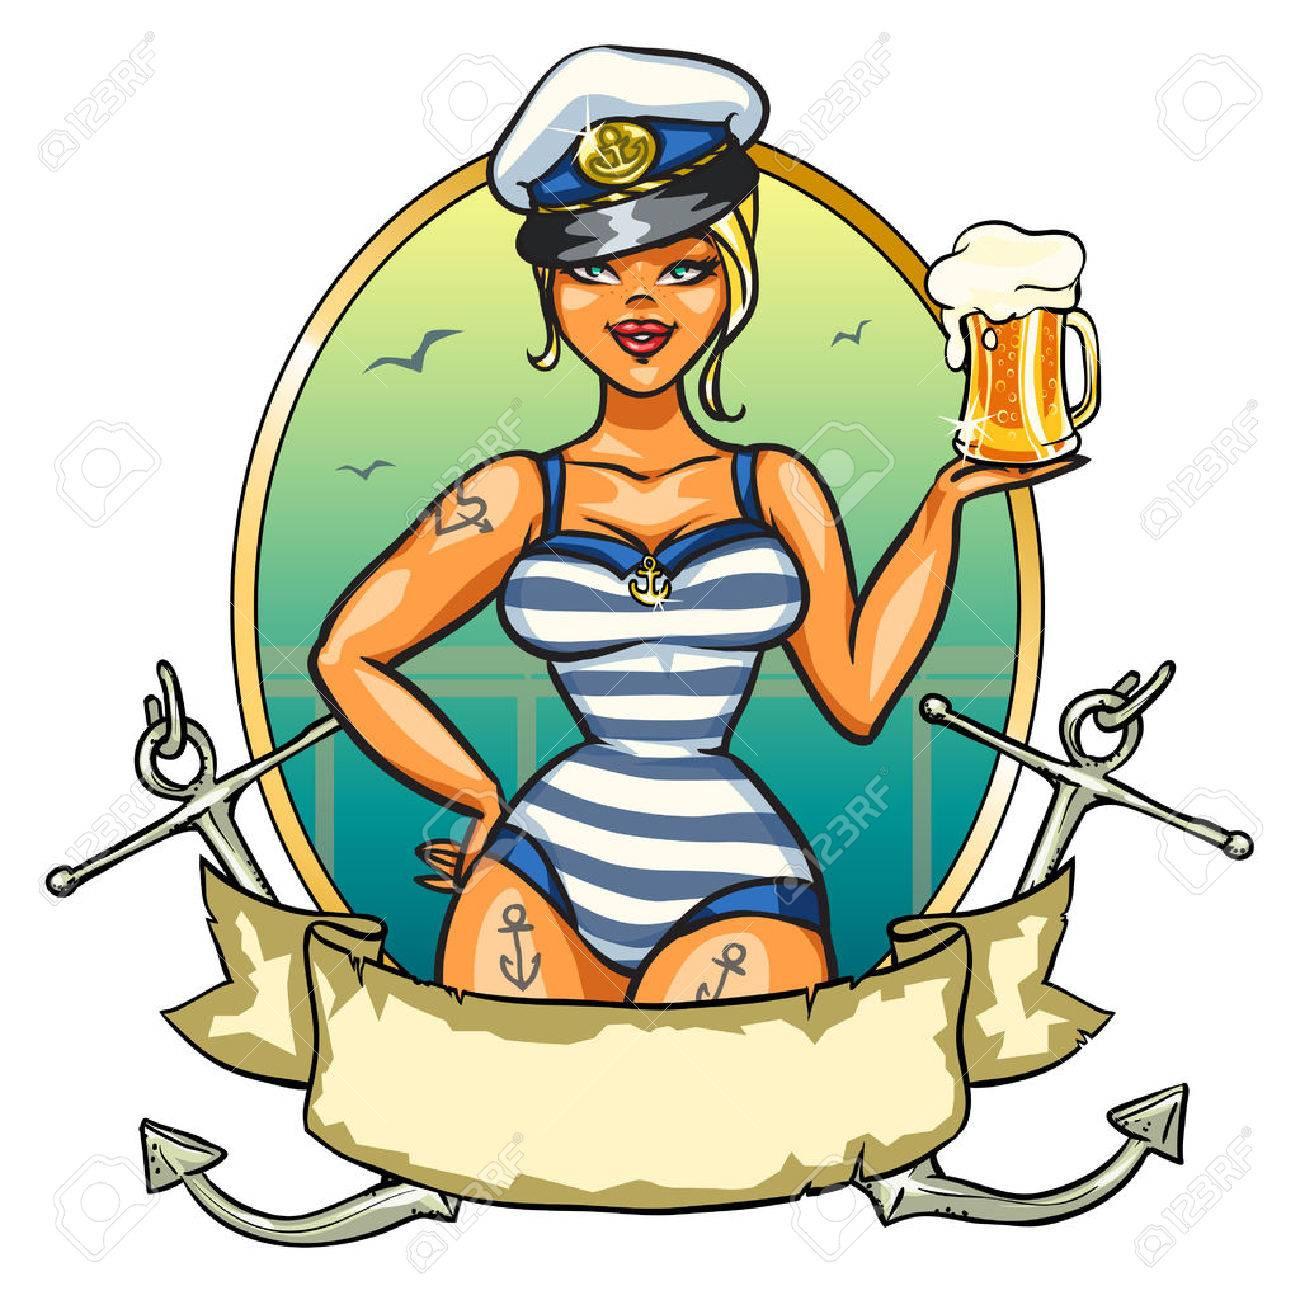 1300x1300 Pin Up Sailor Girl Clipart Amp Pin Up Sailor Girl Clip Art Images